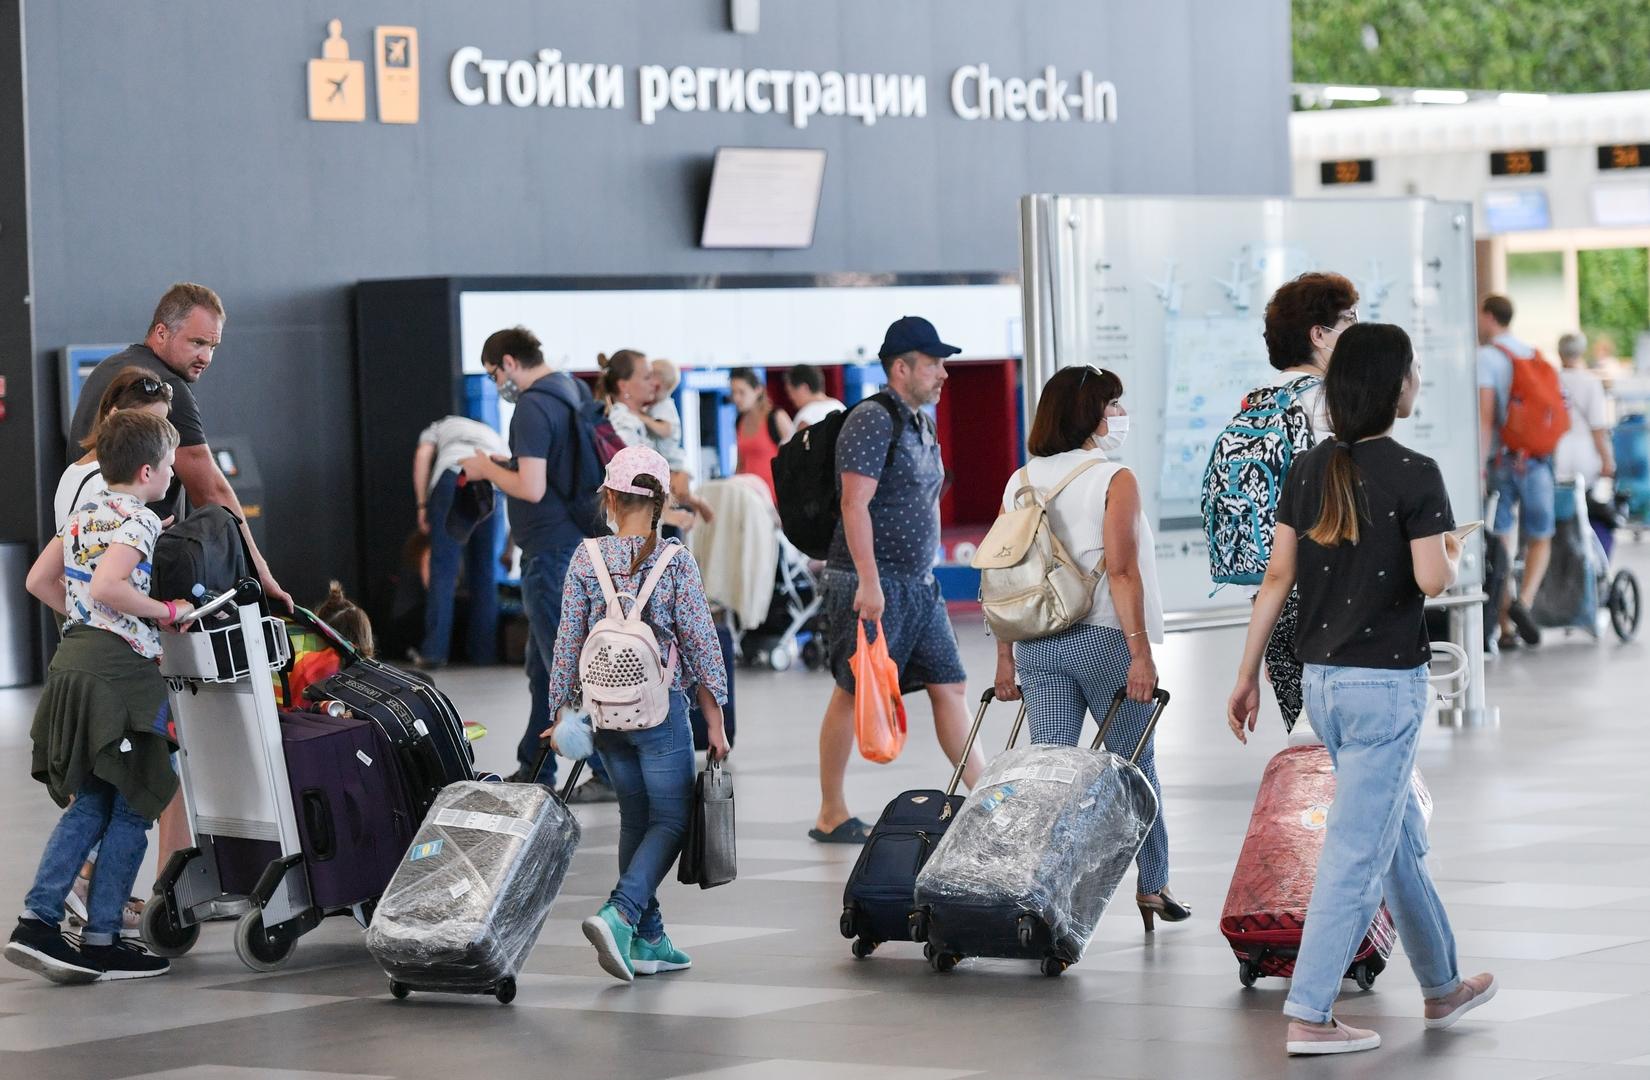 ستدفع للسائح نقودا.. الحكومة الروسية تعلن عن إجراء لدعم قطاع السياحة